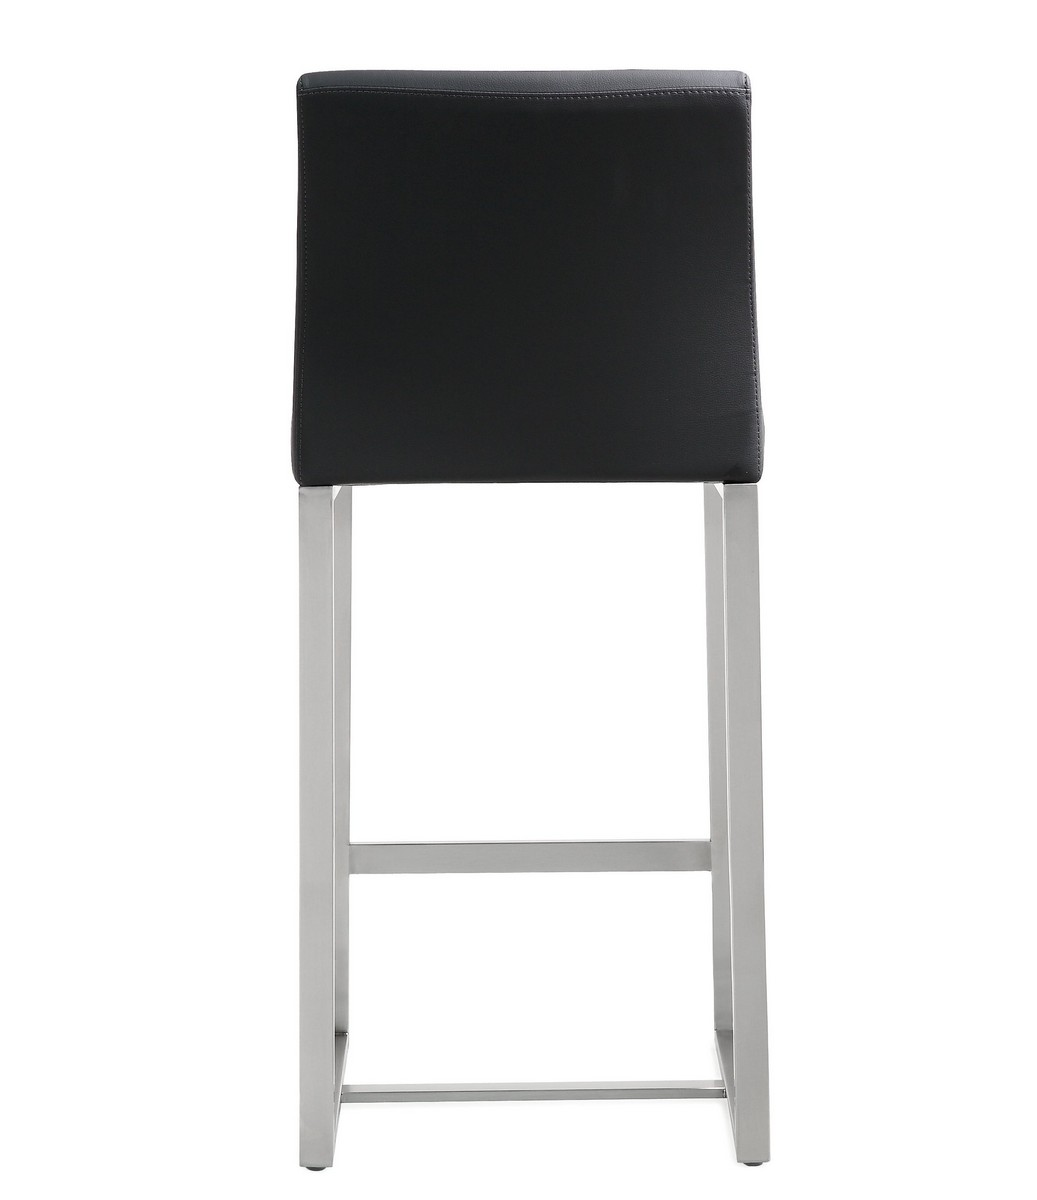 TOV Furniture Denmark Black Stainless Steel Counter Stool (Set of 2)